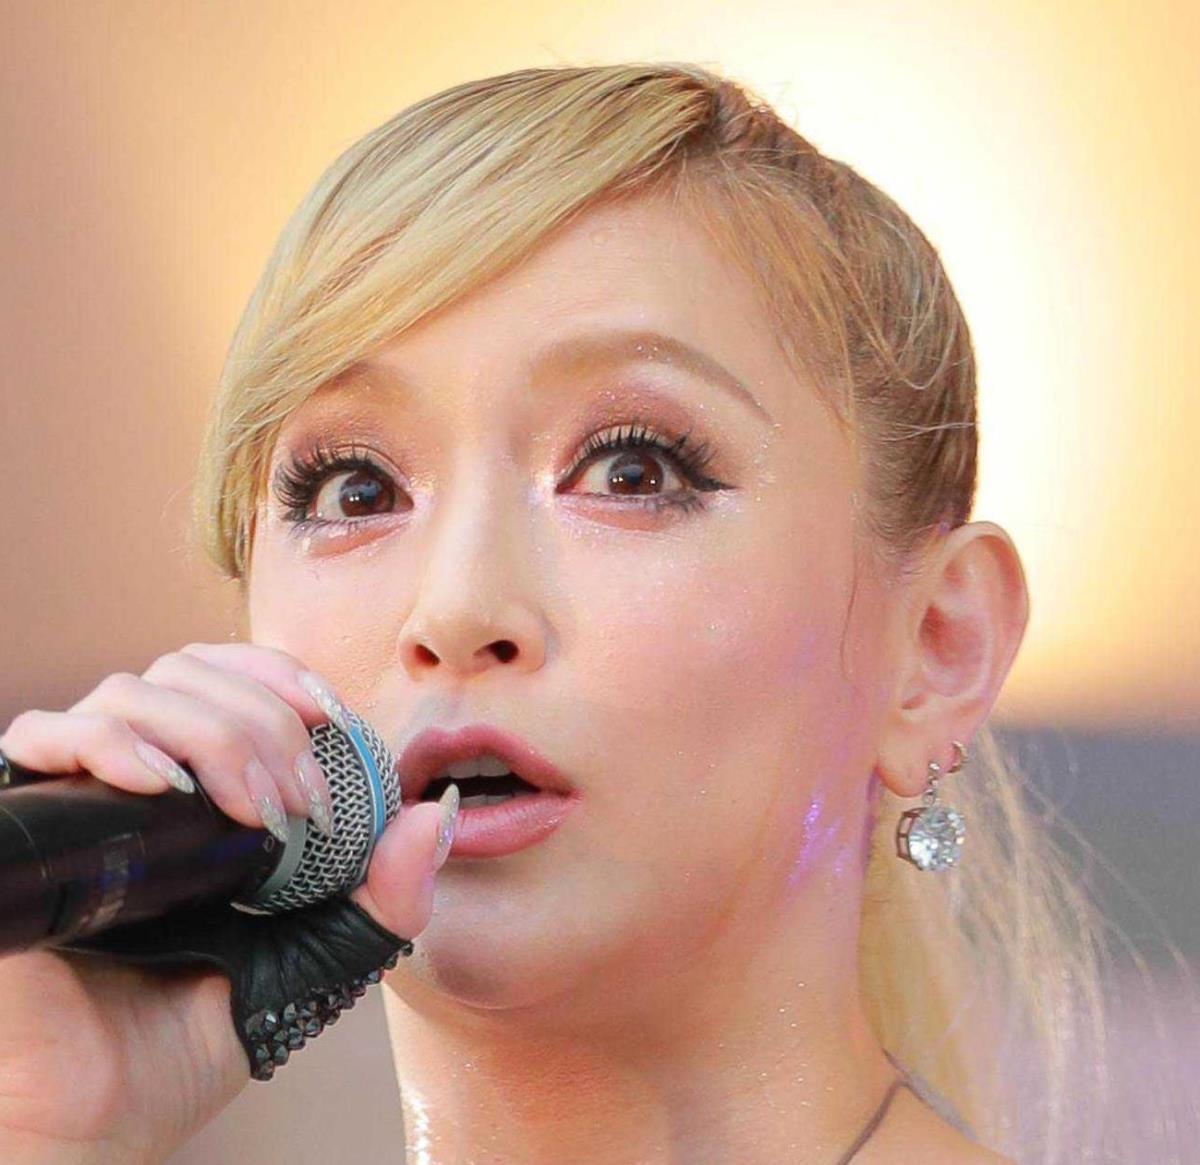 浜崎あゆみが昨年末に出産「天使を産みママになりました」ファン